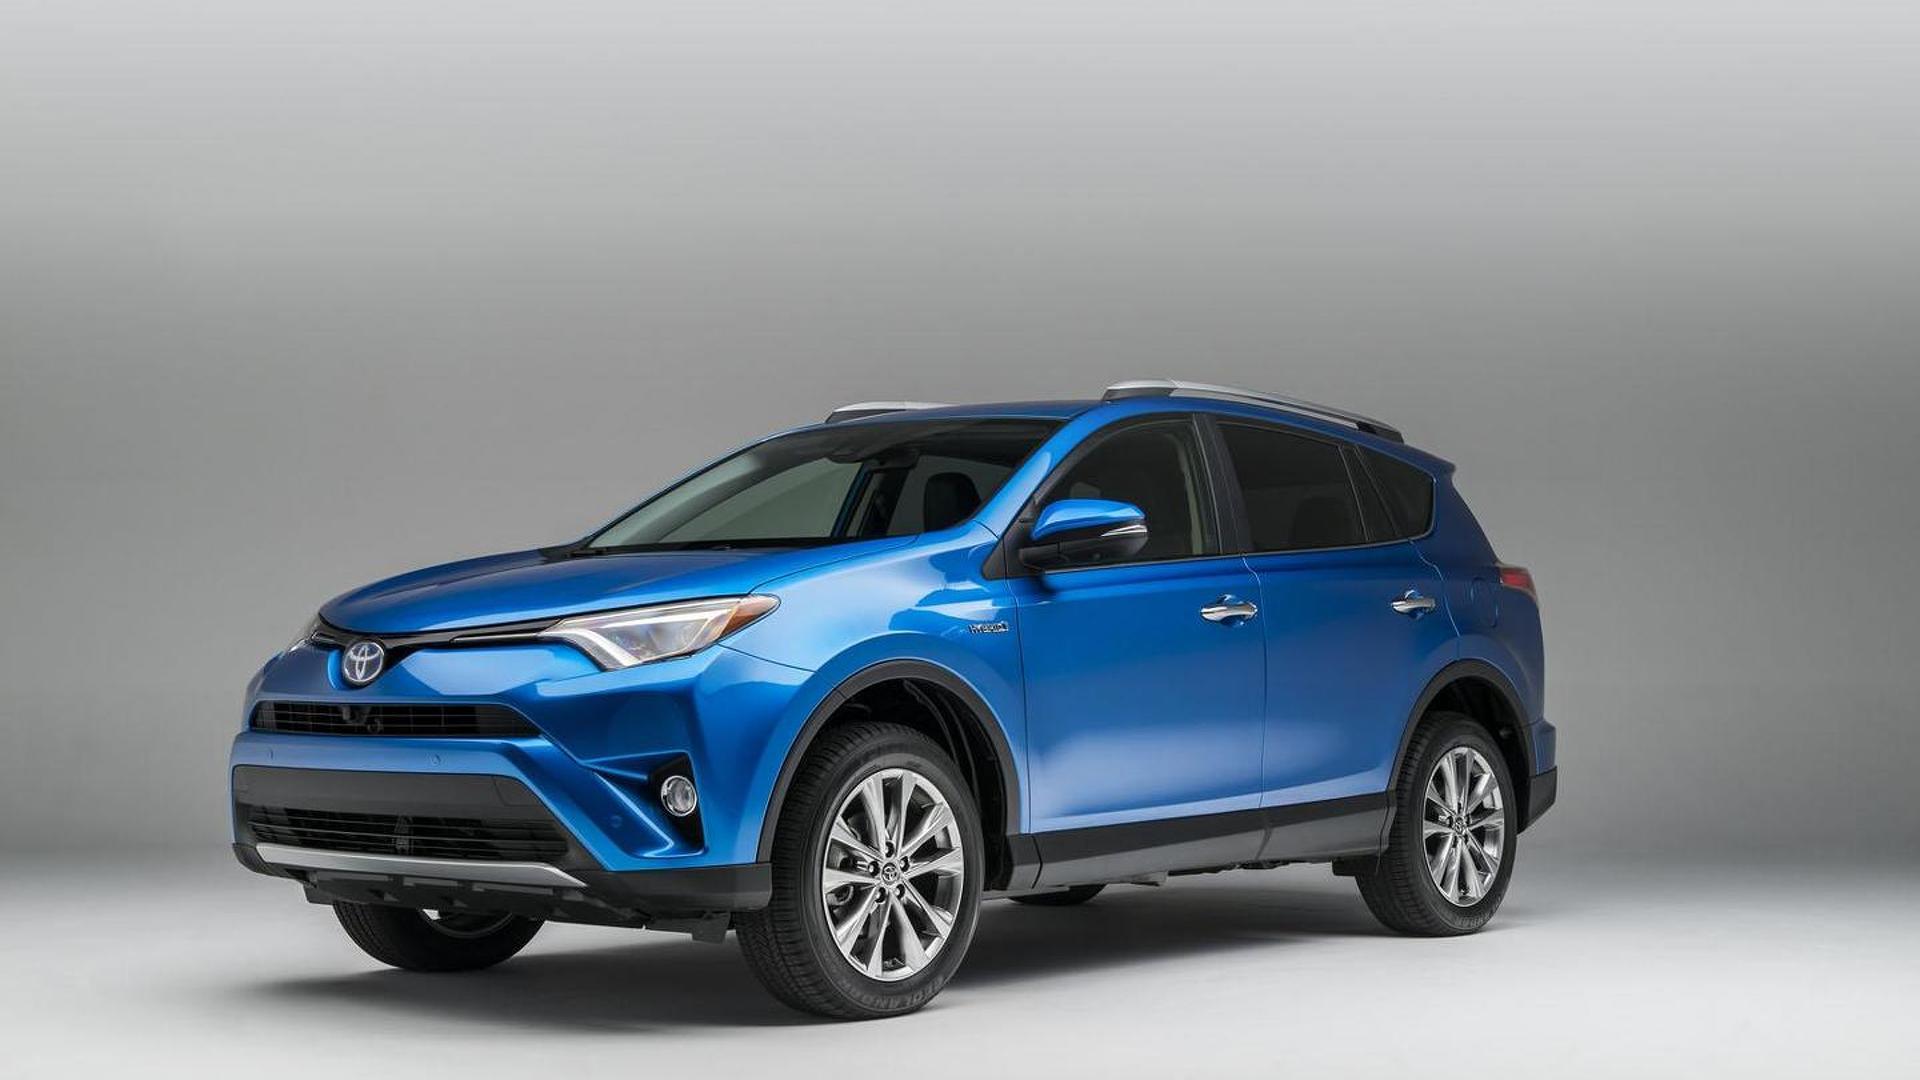 Toyota Рав 4 2016